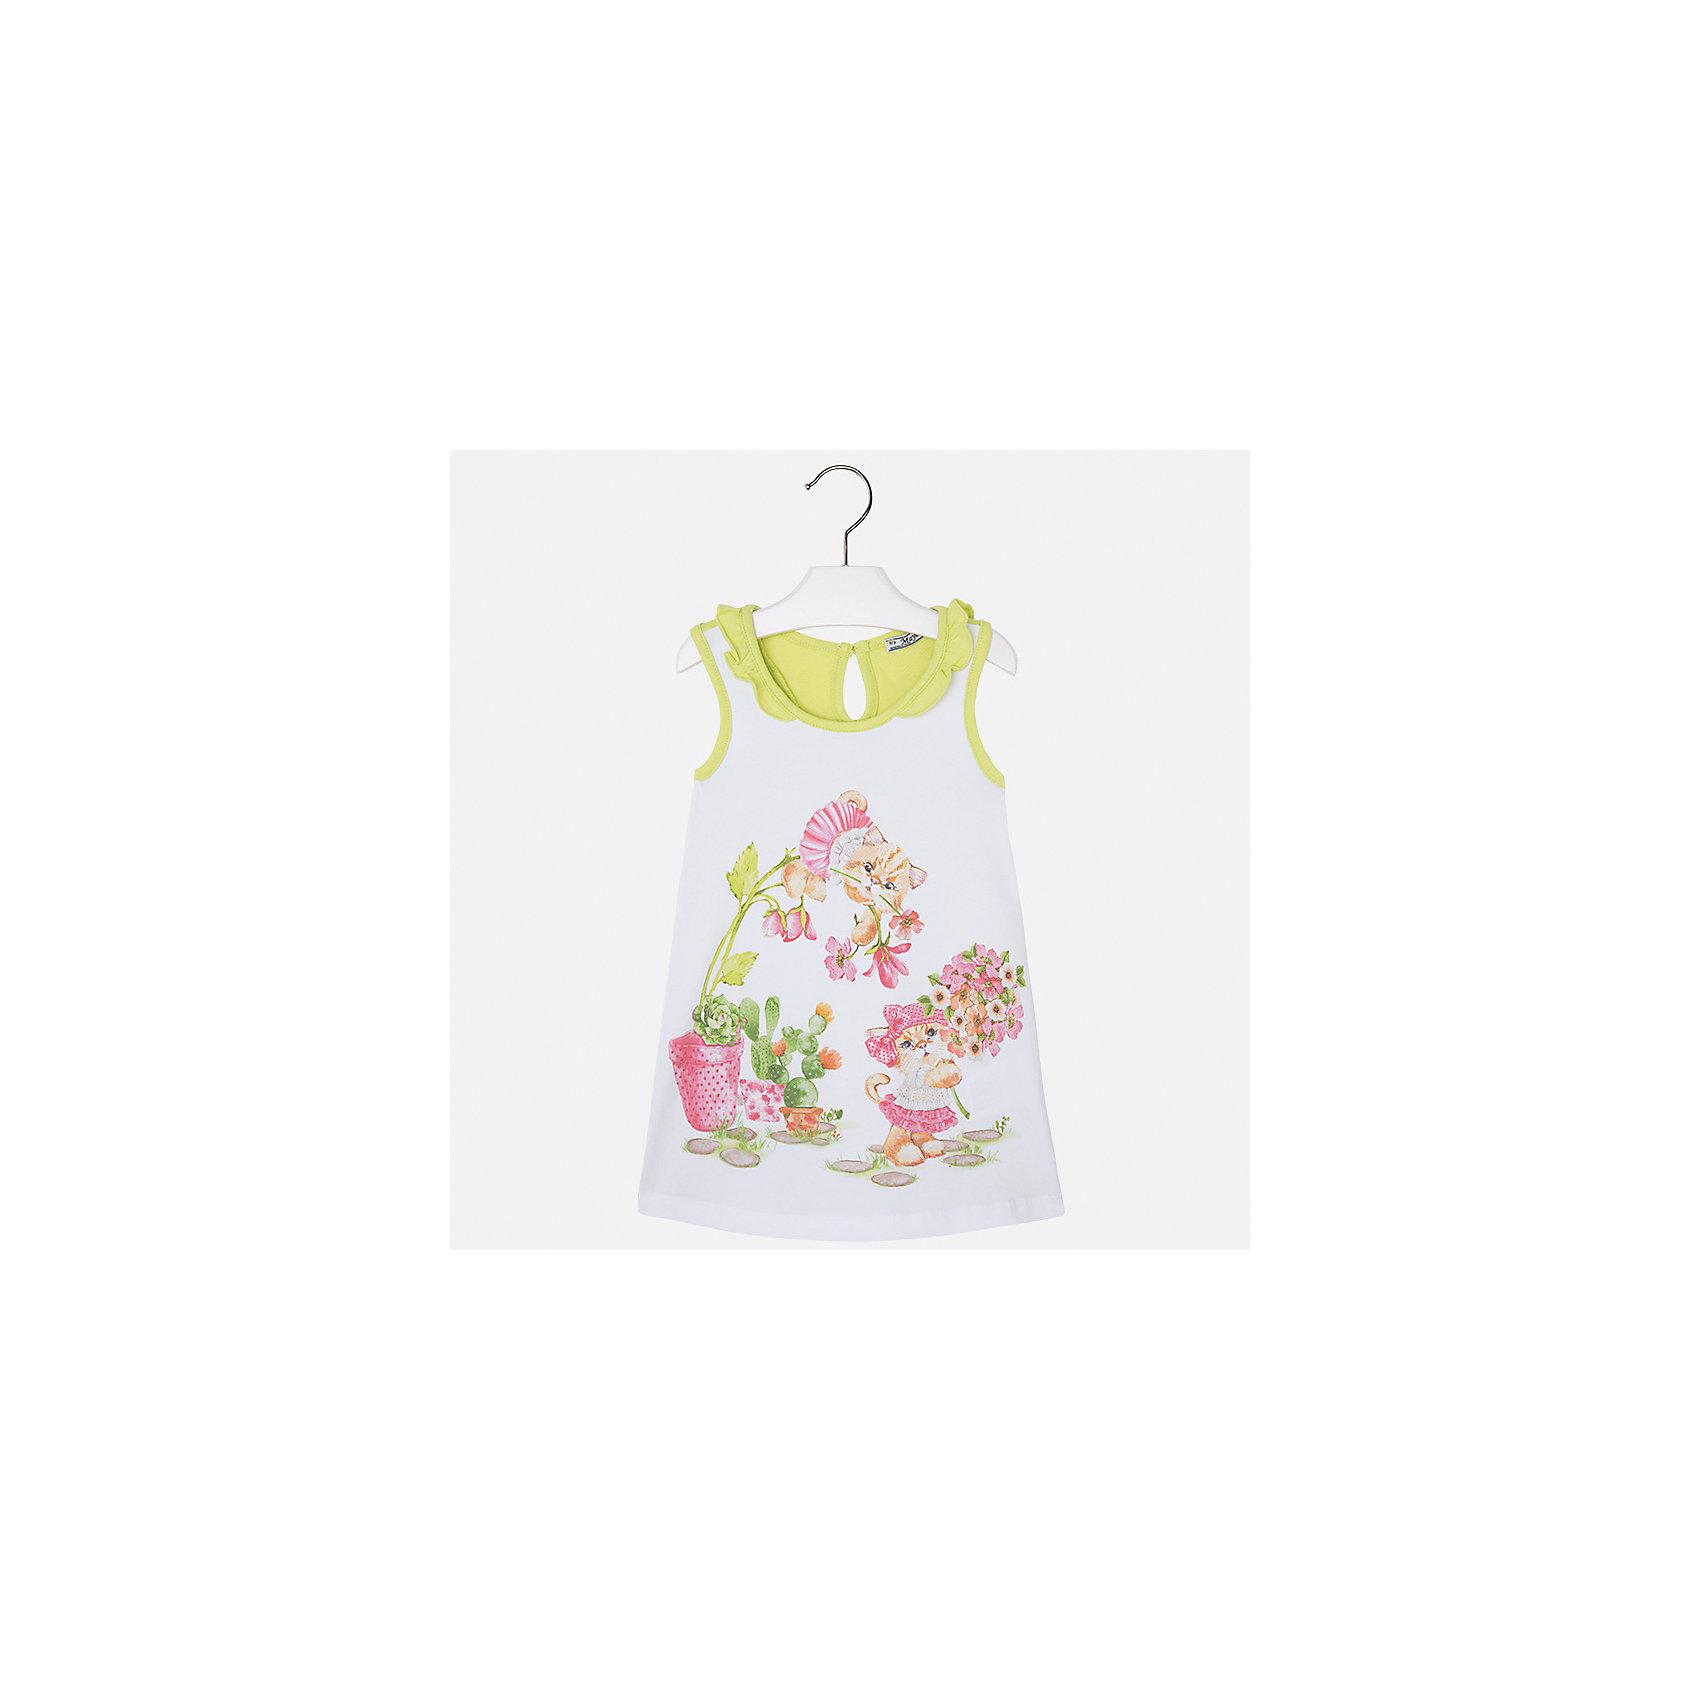 Платье для девочки MayoralПлатья и сарафаны<br>Характеристики товара:<br><br>• цвет: белый/зеленый<br>• состав: 95% хлопок, 5% эластан<br>• застежка: пуговица<br>• комбинированный материал<br>• без рукавов<br>• декорировано принтом<br>• страна бренда: Испания<br><br>Стильное платье для девочки поможет разнообразить гардероб ребенка и создать эффектный наряд. Оно подойдет для различных случаев. Красивый оттенок позволяет подобрать к вещи обувь разных расцветок. Платье хорошо сидит по фигуре. В составе материала - натуральный хлопок, гипоаллергенный, приятный на ощупь, дышащий.<br><br>Одежда, обувь и аксессуары от испанского бренда Mayoral полюбились детям и взрослым по всему миру. Модели этой марки - стильные и удобные. Для их производства используются только безопасные, качественные материалы и фурнитура. Порадуйте ребенка модными и красивыми вещами от Mayoral! <br><br>Платье для девочки от испанского бренда Mayoral (Майорал) можно купить в нашем интернет-магазине.<br><br>Ширина мм: 236<br>Глубина мм: 16<br>Высота мм: 184<br>Вес г: 177<br>Цвет: зеленый<br>Возраст от месяцев: 60<br>Возраст до месяцев: 72<br>Пол: Женский<br>Возраст: Детский<br>Размер: 116,92,98,104,110<br>SKU: 5300642